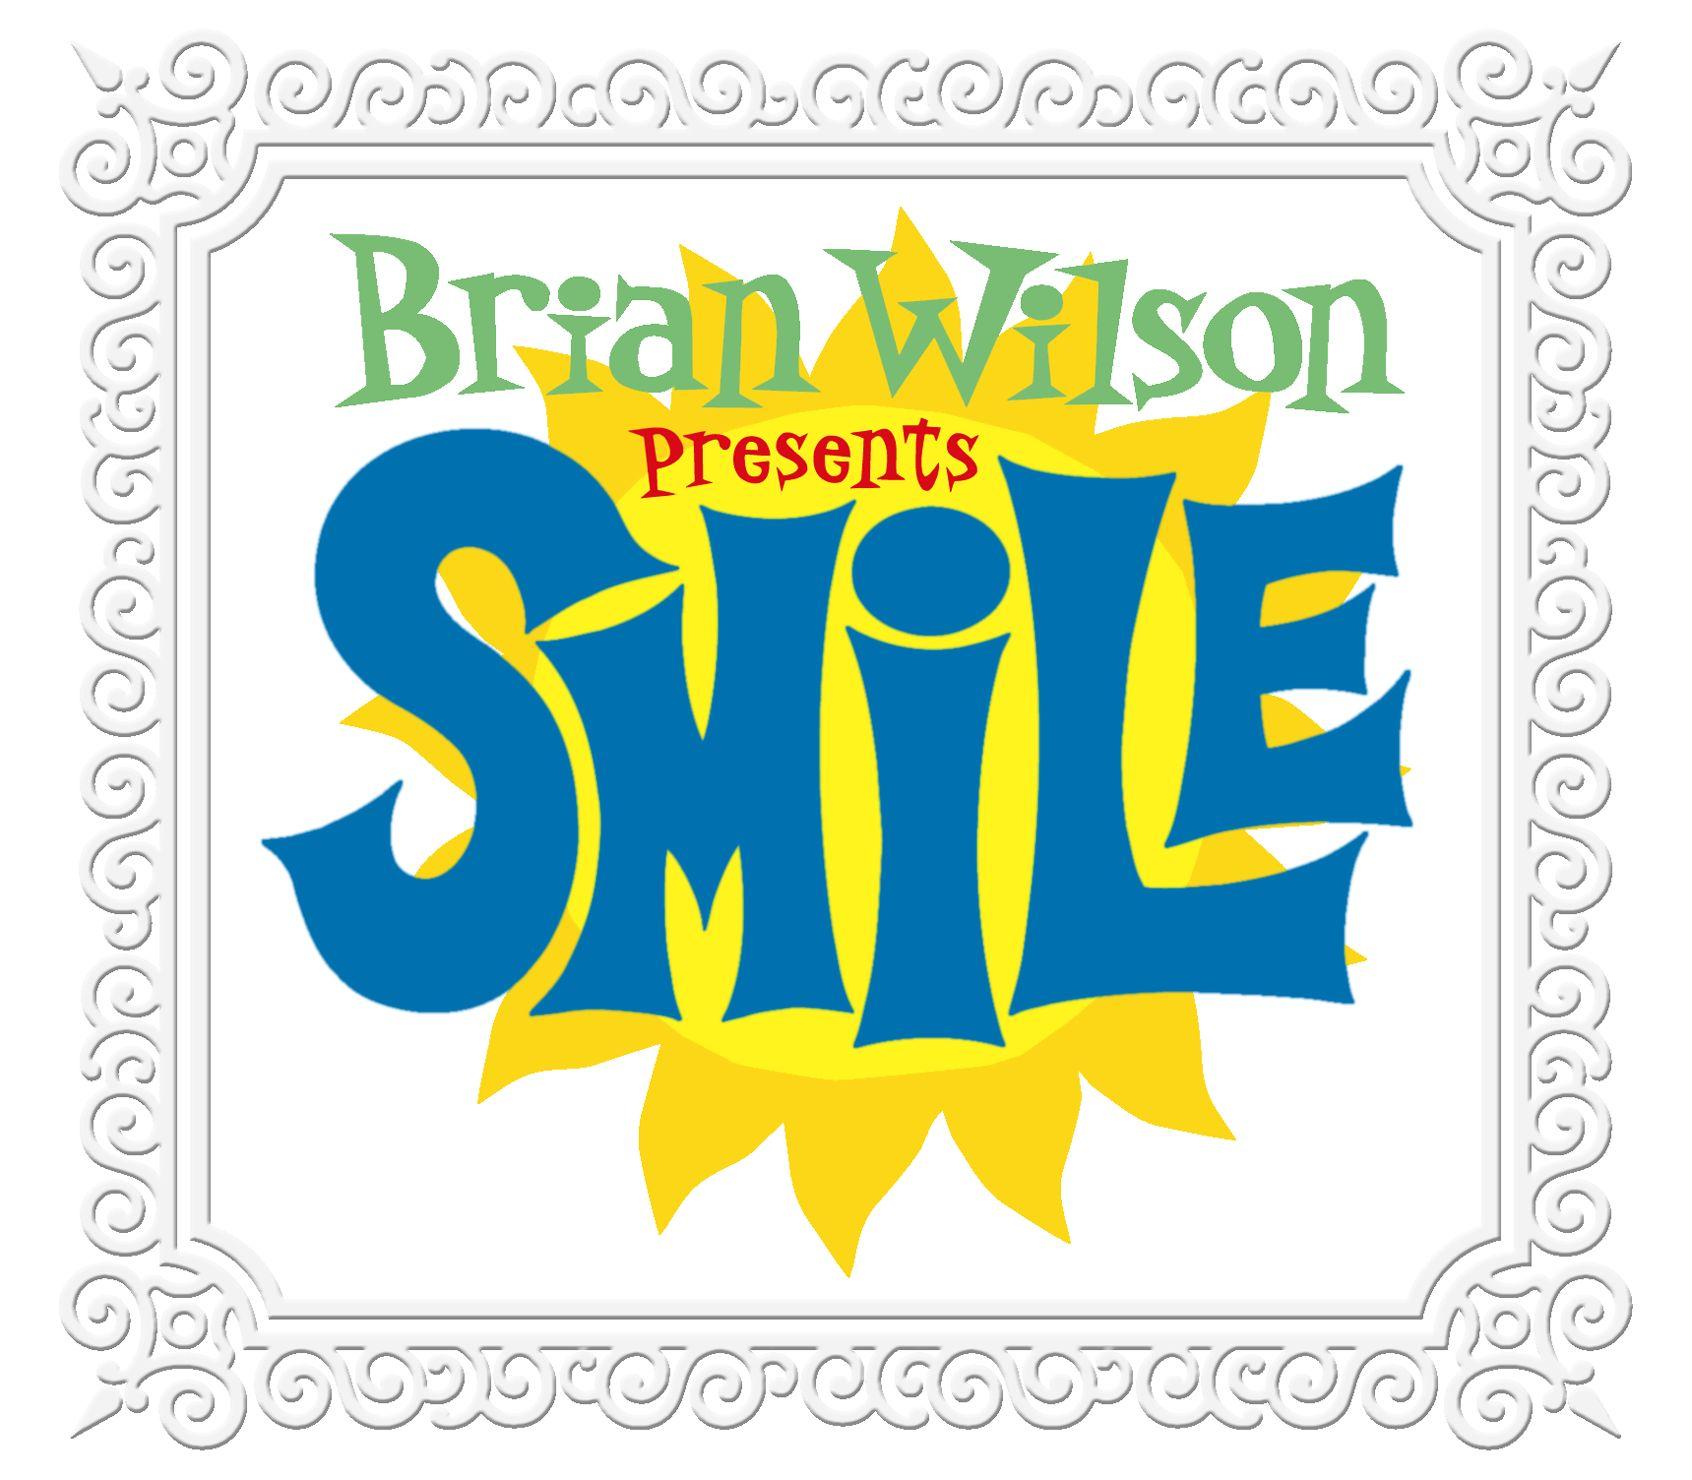 Brian Wilson Presents Smile - album cover